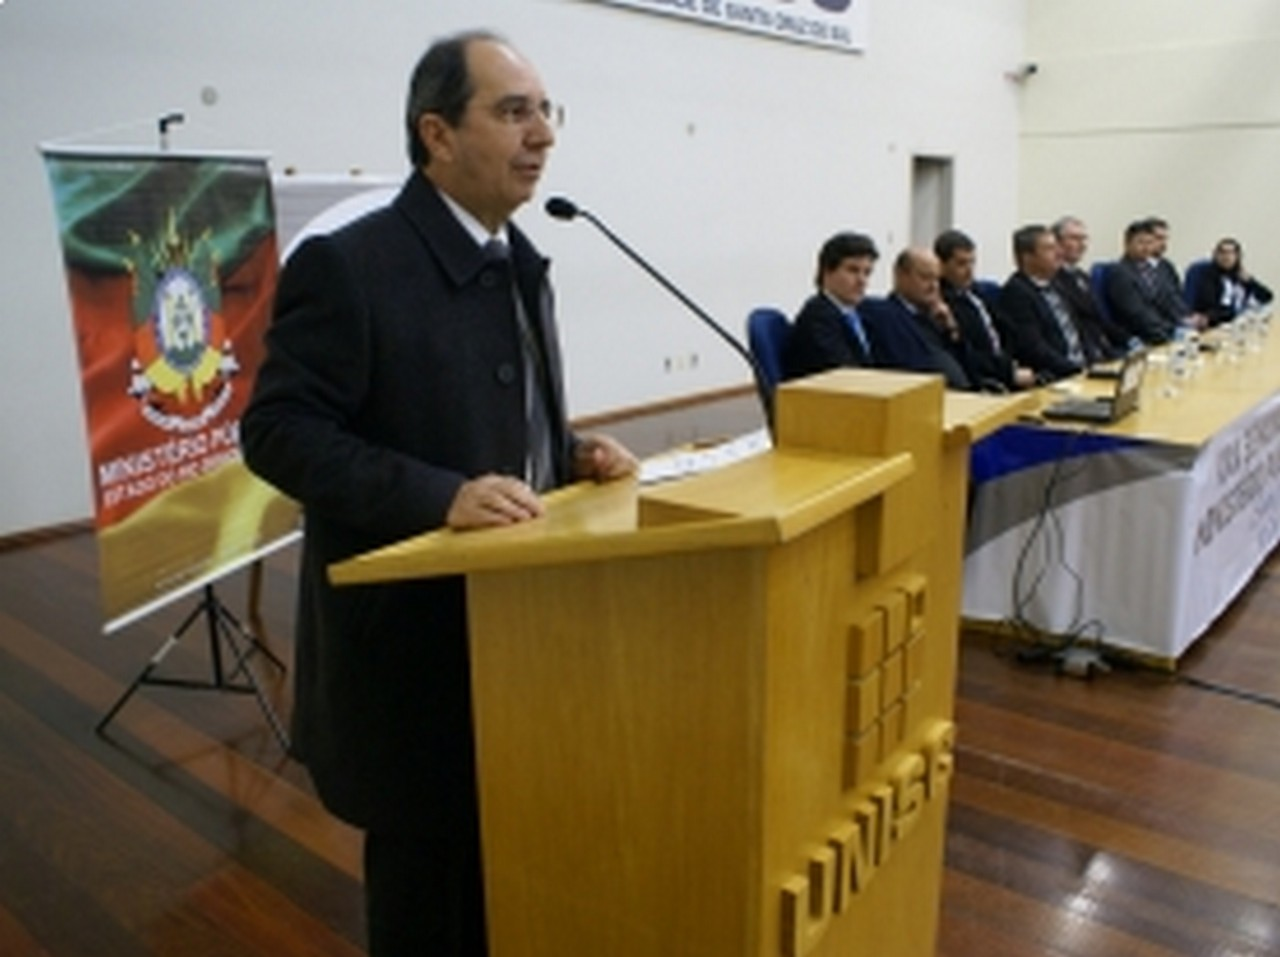 Encerrada a XXX Semana do MP de Santa Cruz do Sul